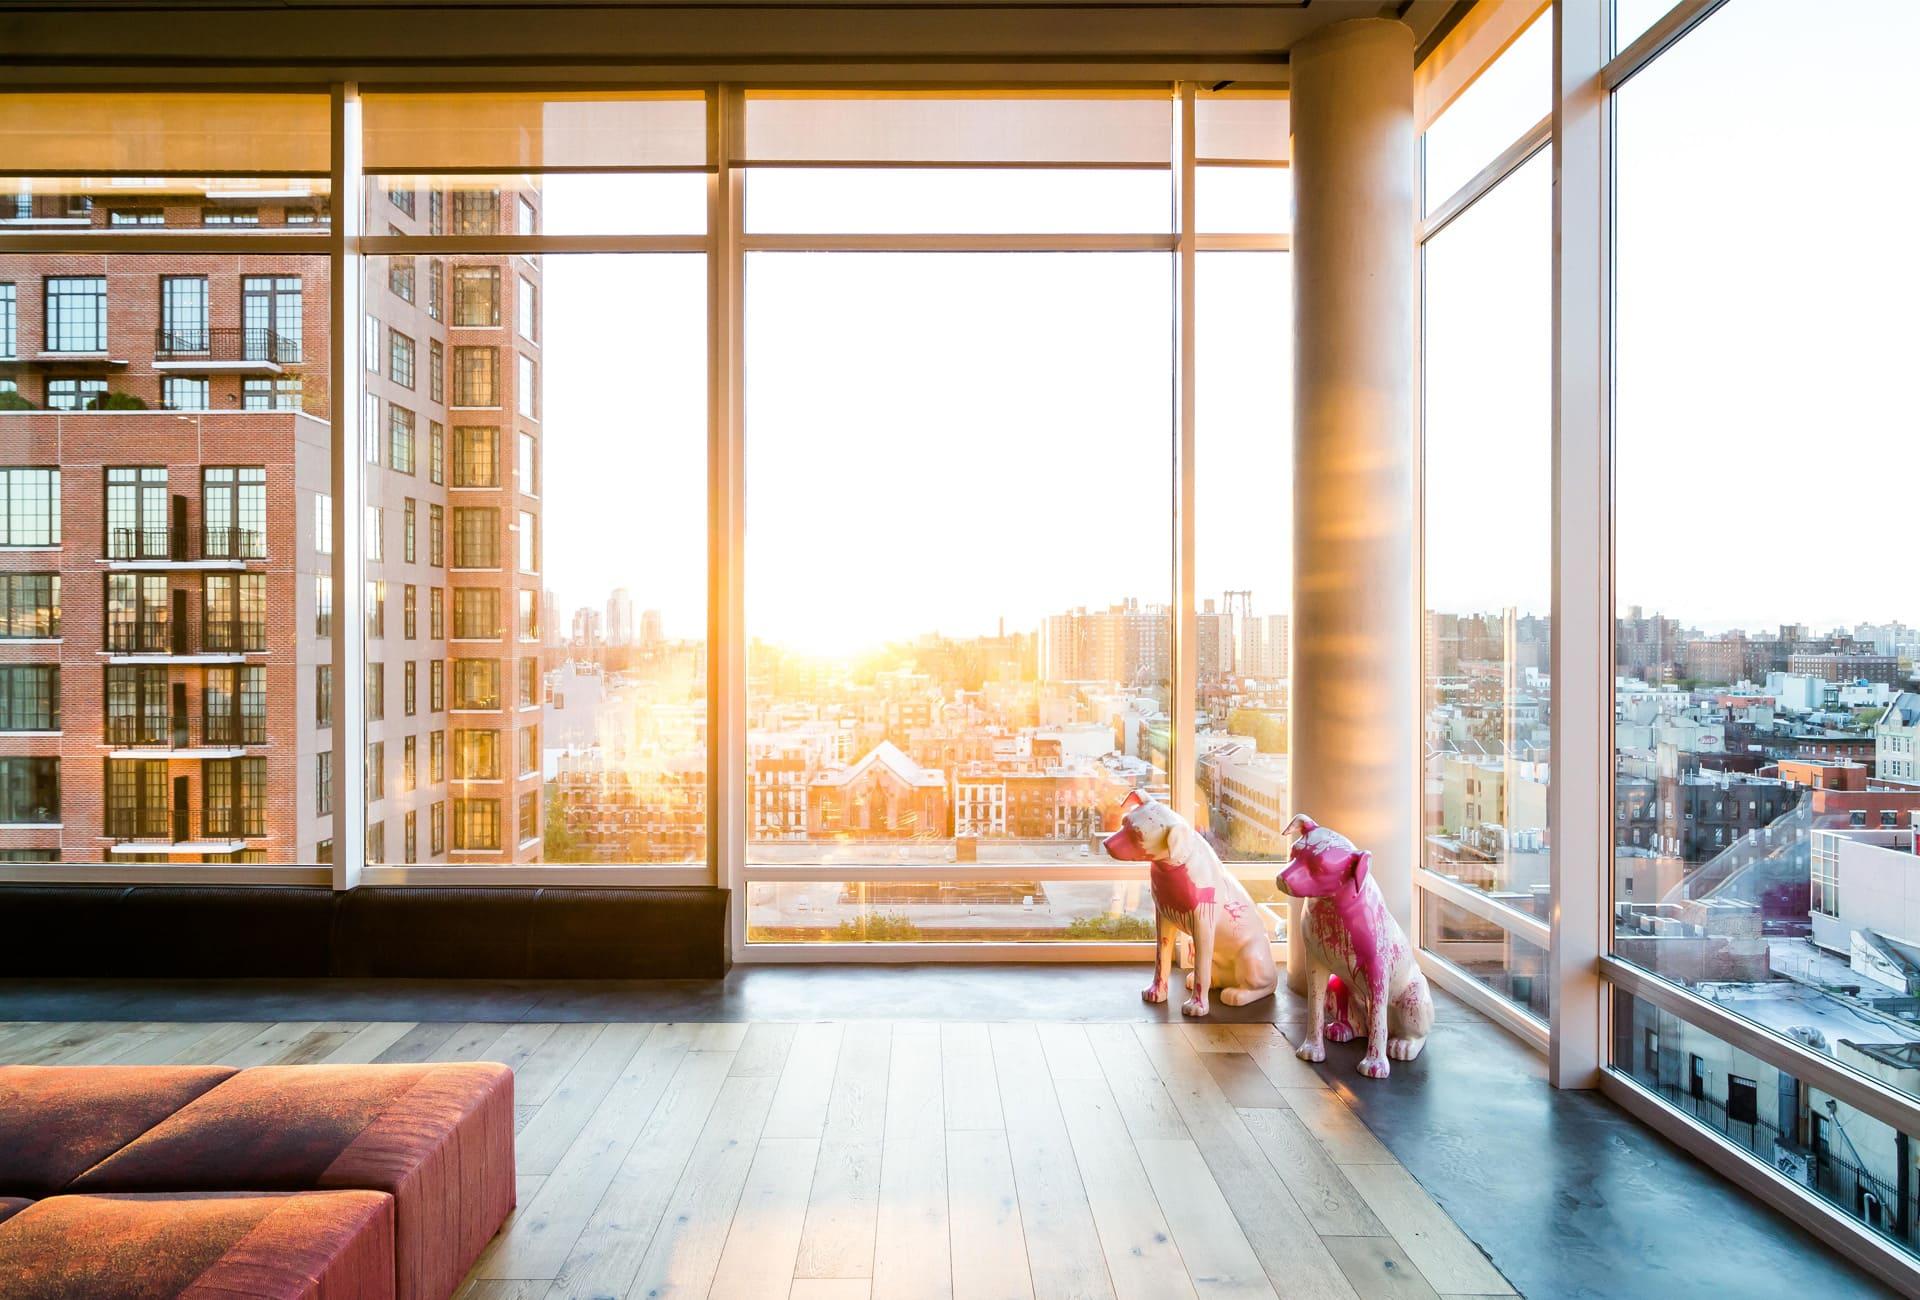 simoarts-com-simone-kessler-fotokunst-nuernberg-new-york-city-manhattan-loft-motiv1